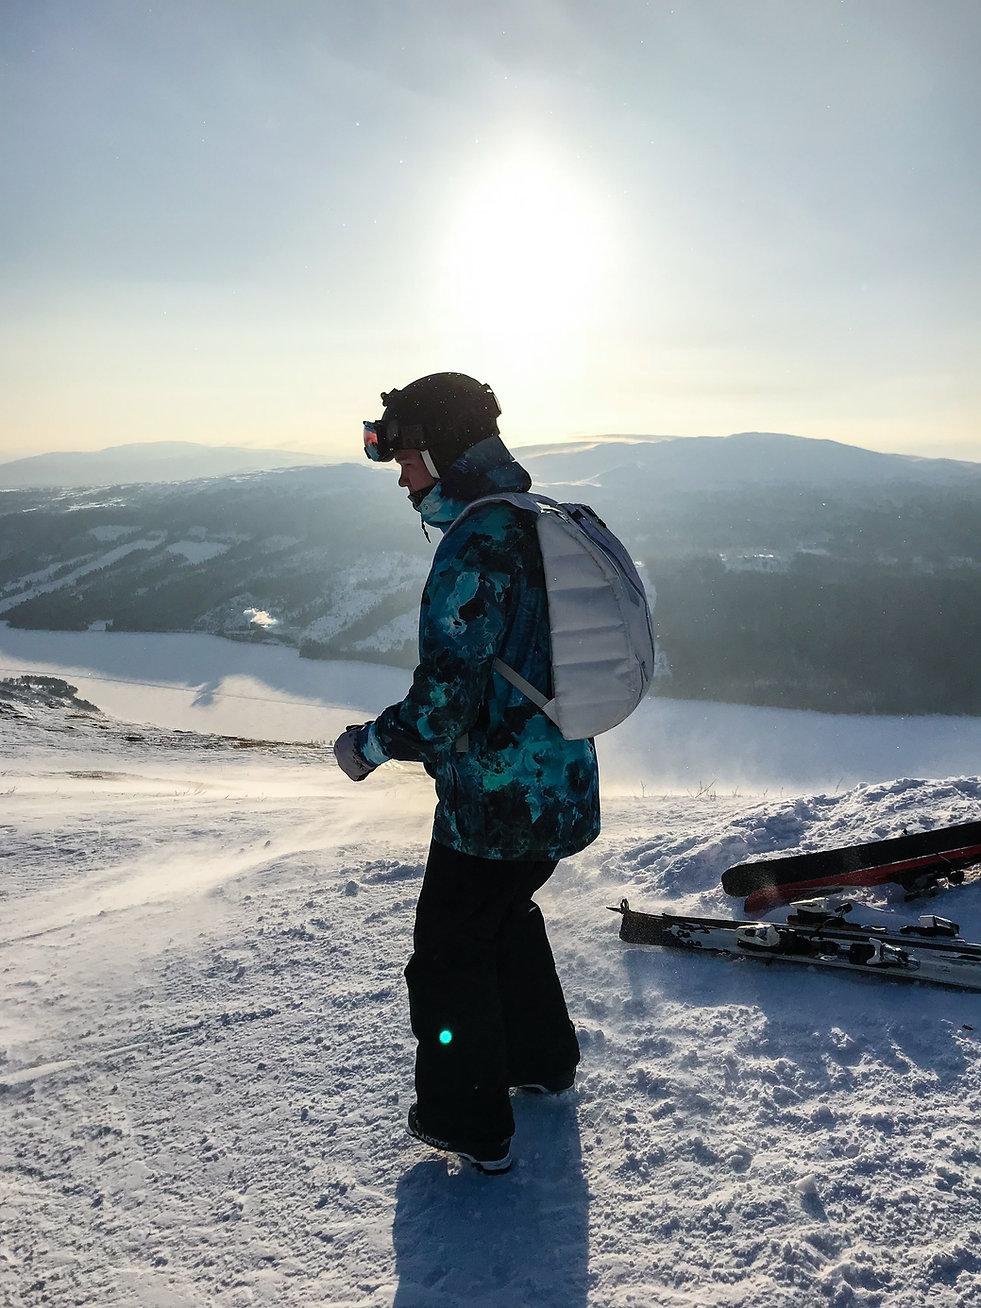 Schwedisch Foto von das Snowboard Fahren, Region Norrland.